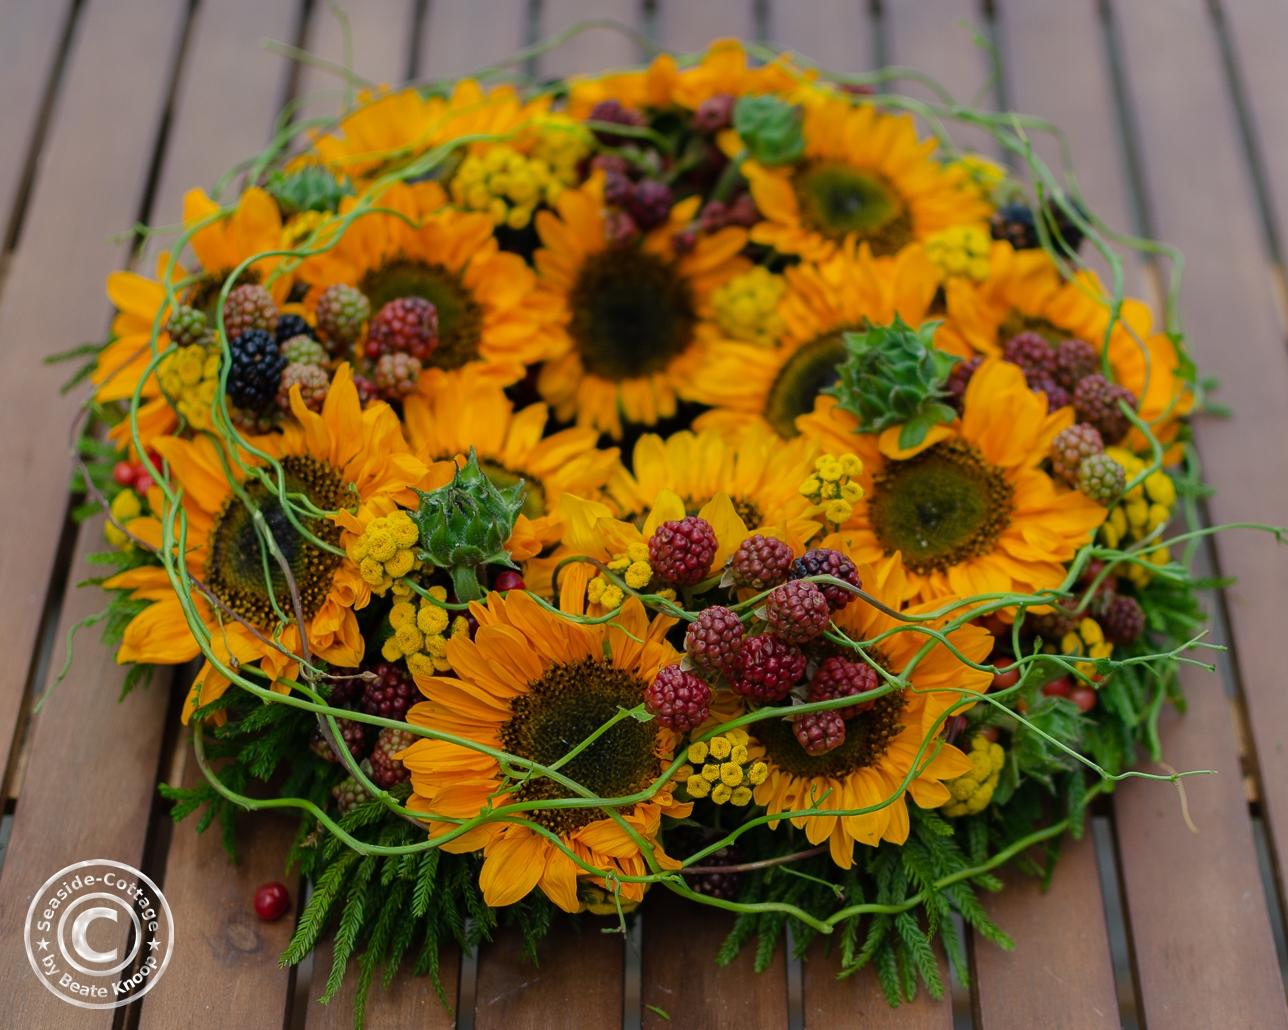 sonnenblumenkranz mit grünen Ranken